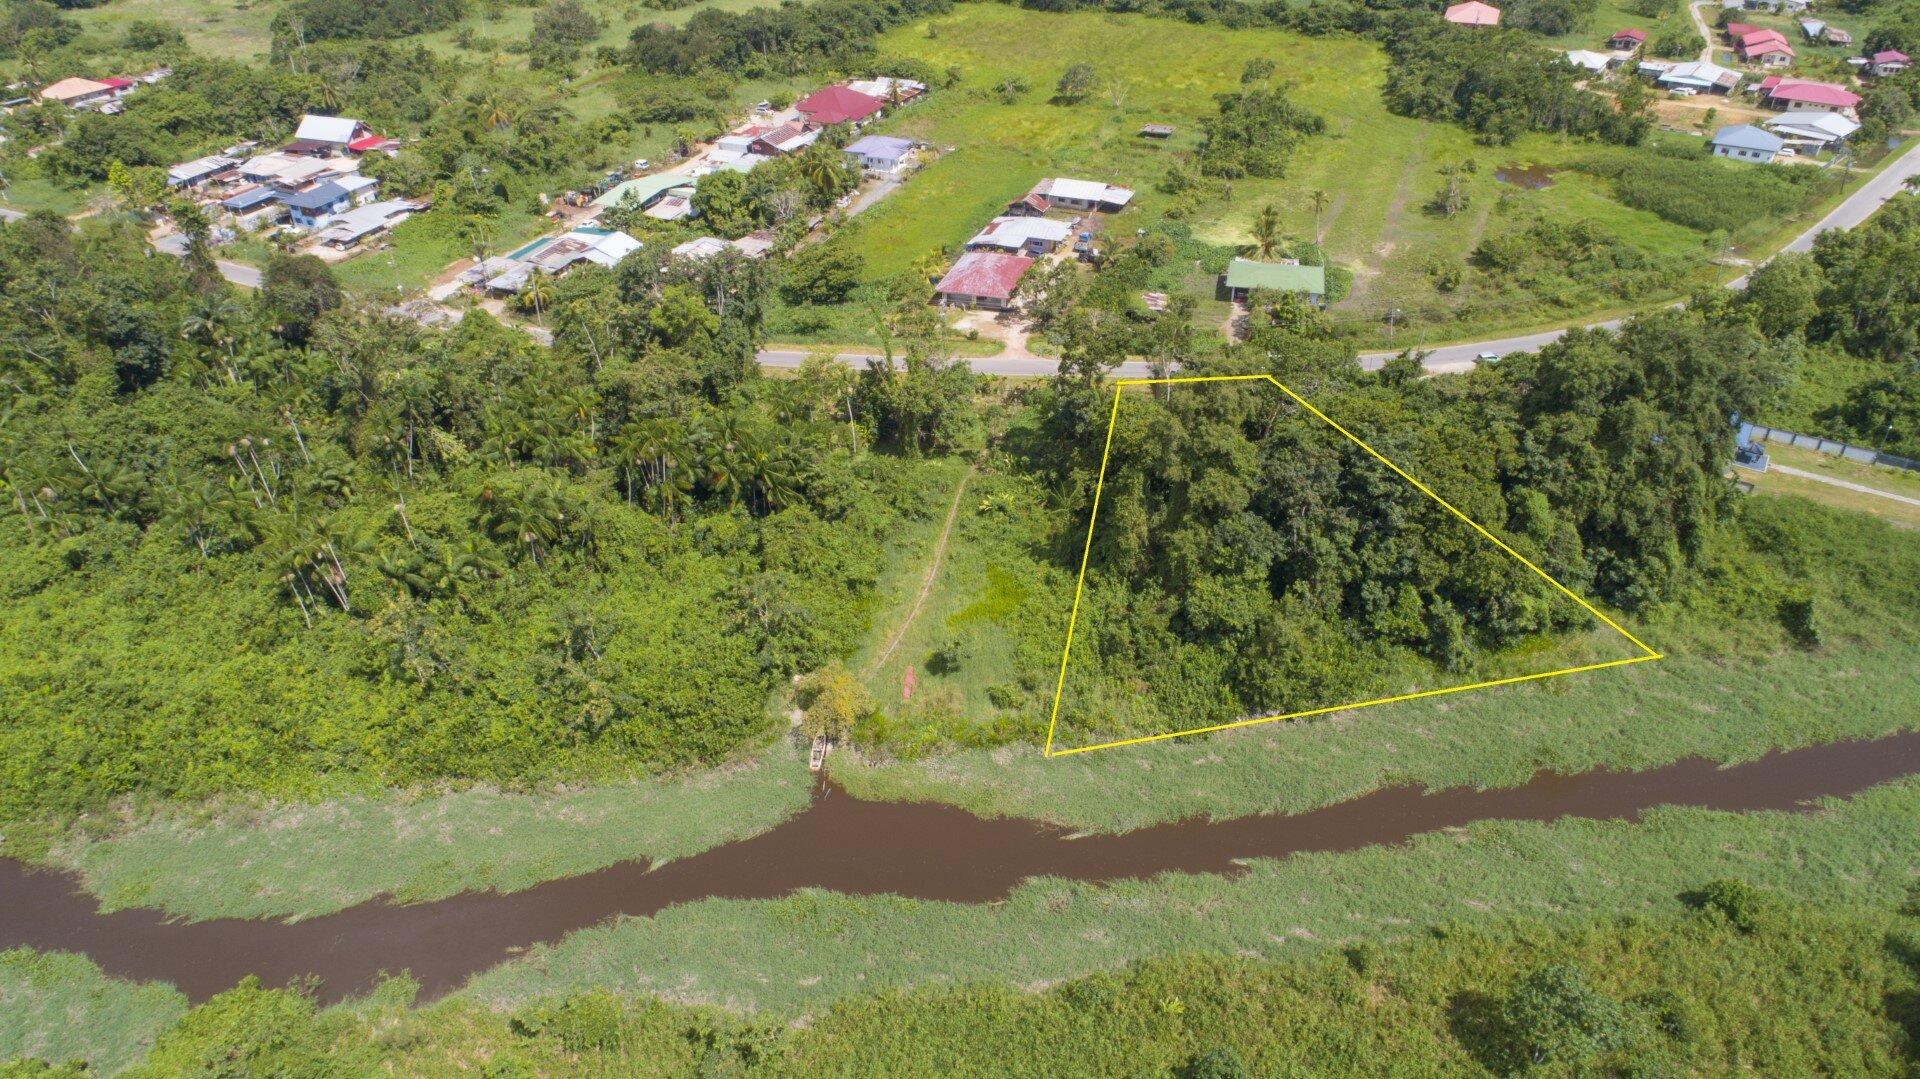 Sir Winston Churchillweg Perceel 12 - Wonen aan het water, in een groene omgeving en toch dichtbij Paramaribo! - Surgoed Makelaardij NV - Paramaribo, Suriname